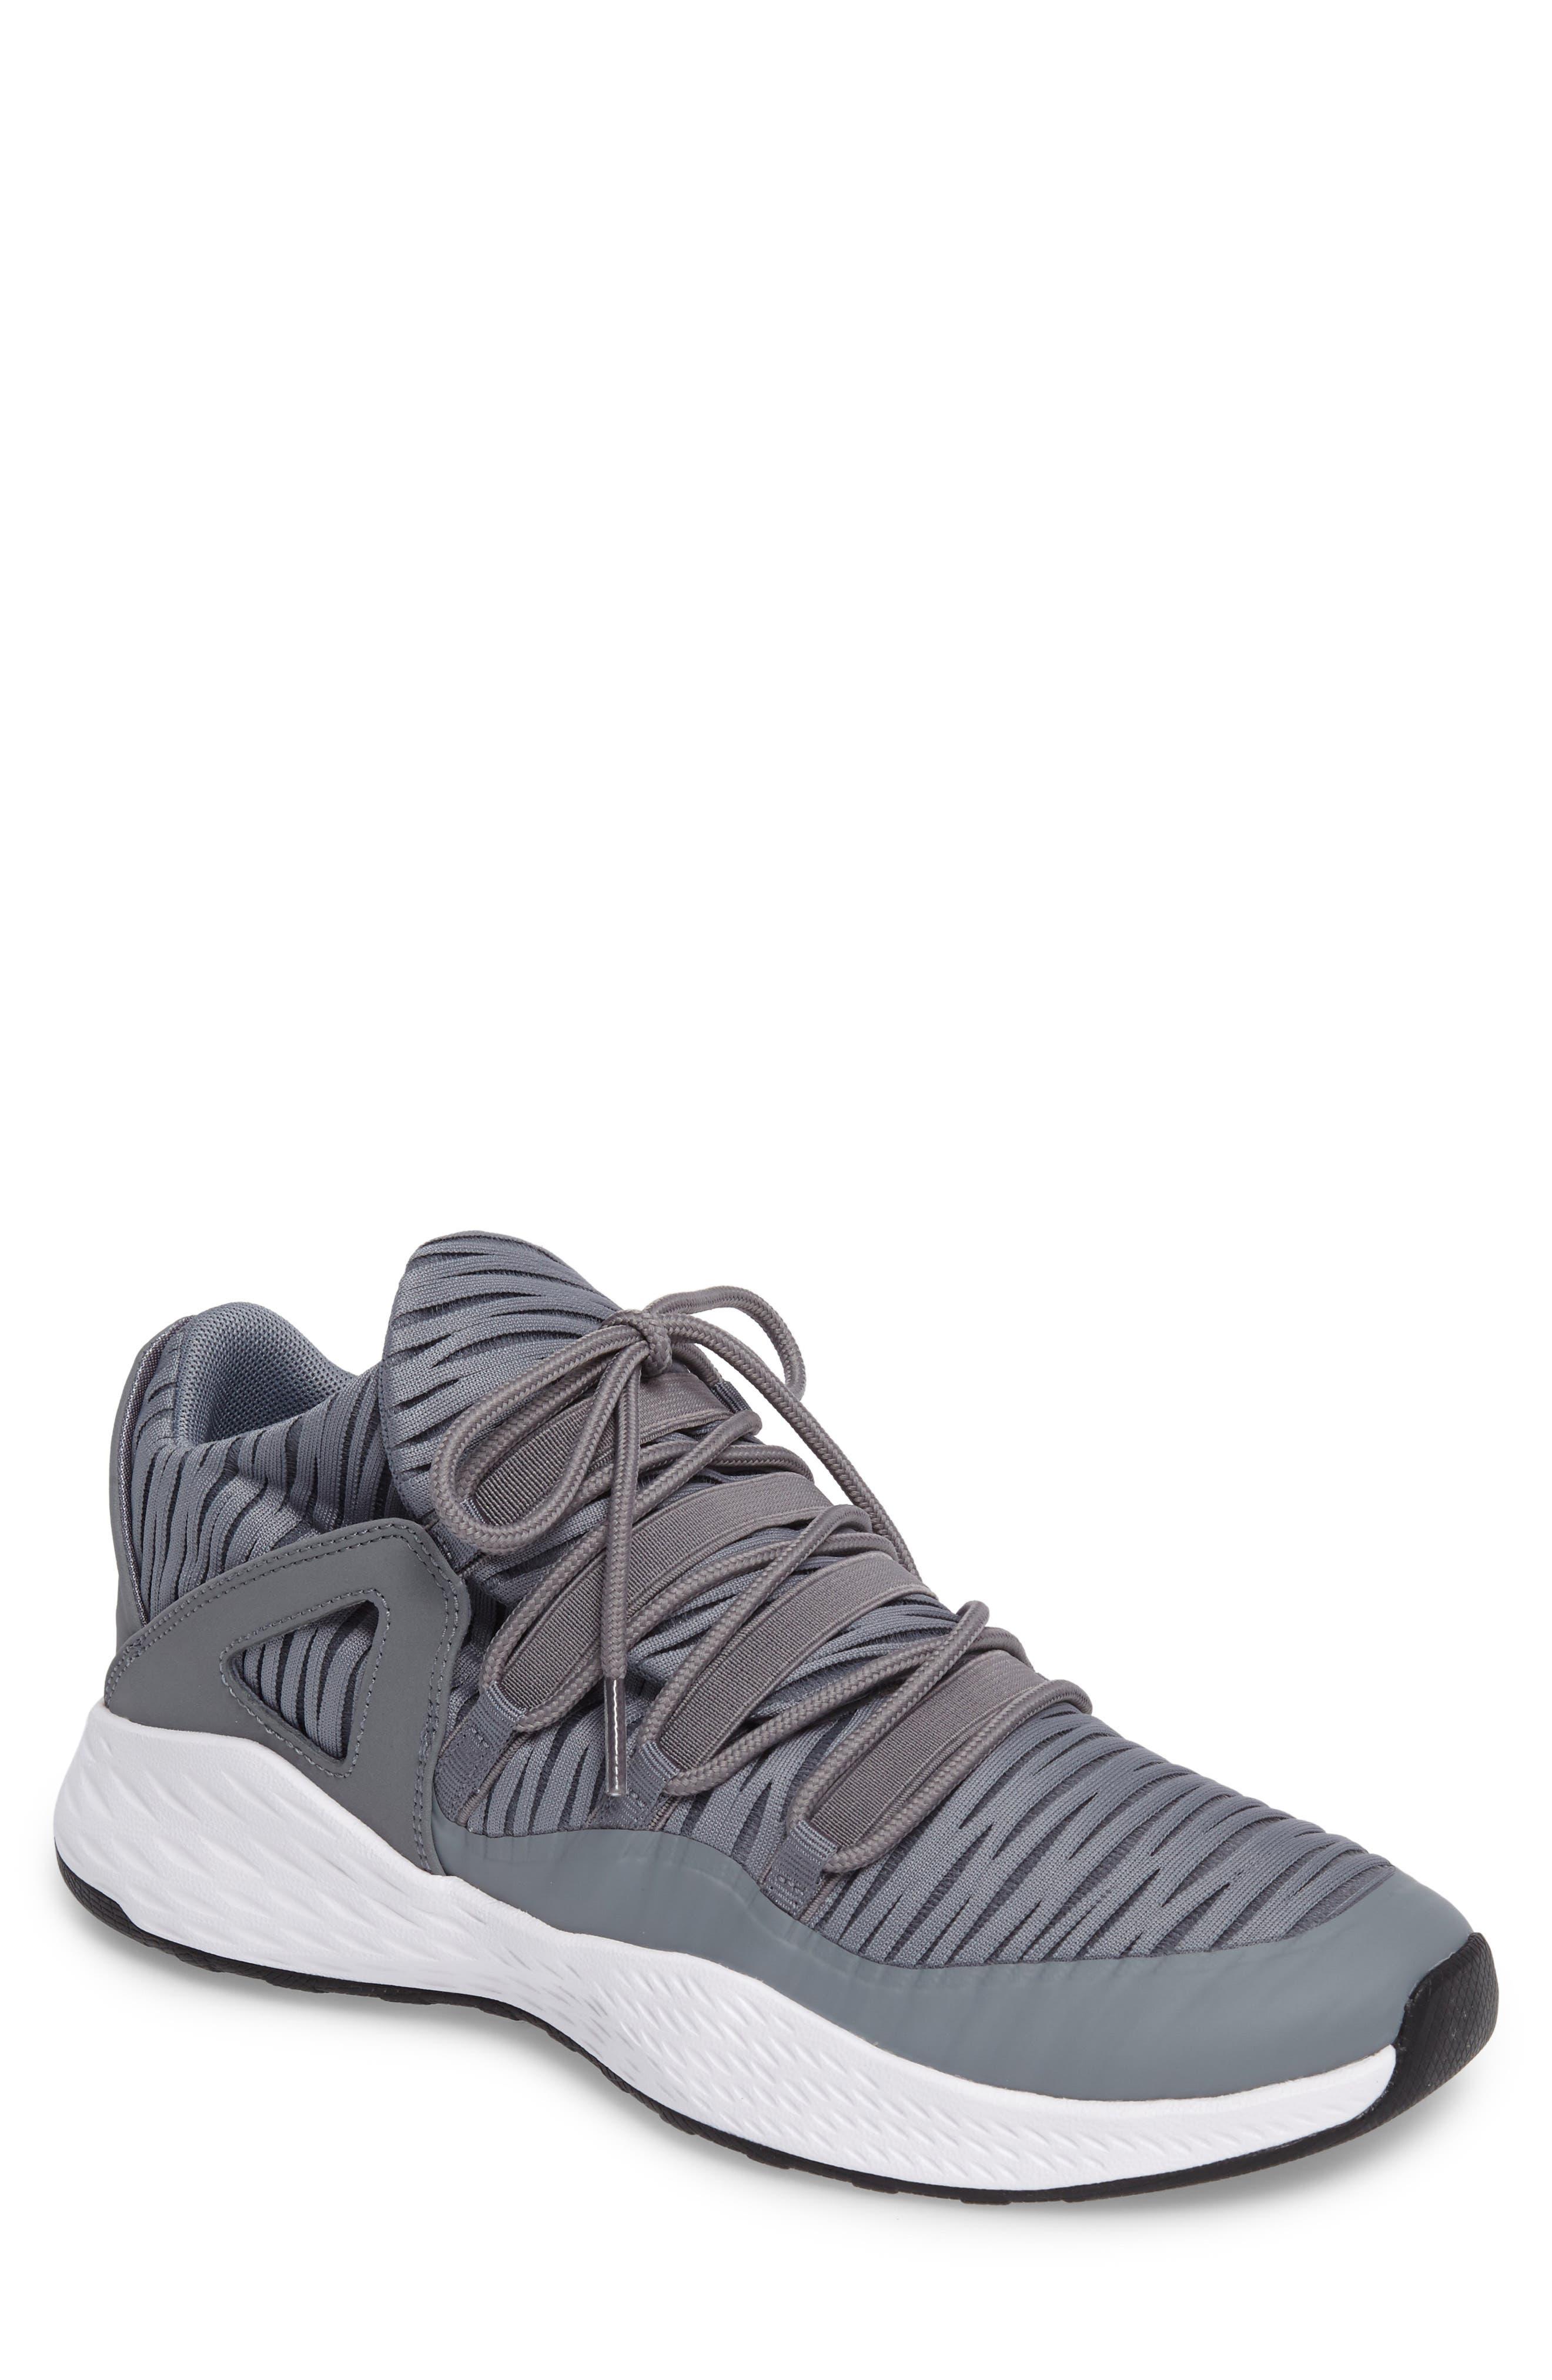 Jordan Formula 23 Low Sneaker,                         Main,                         color, Cool Grey/ White/ Black